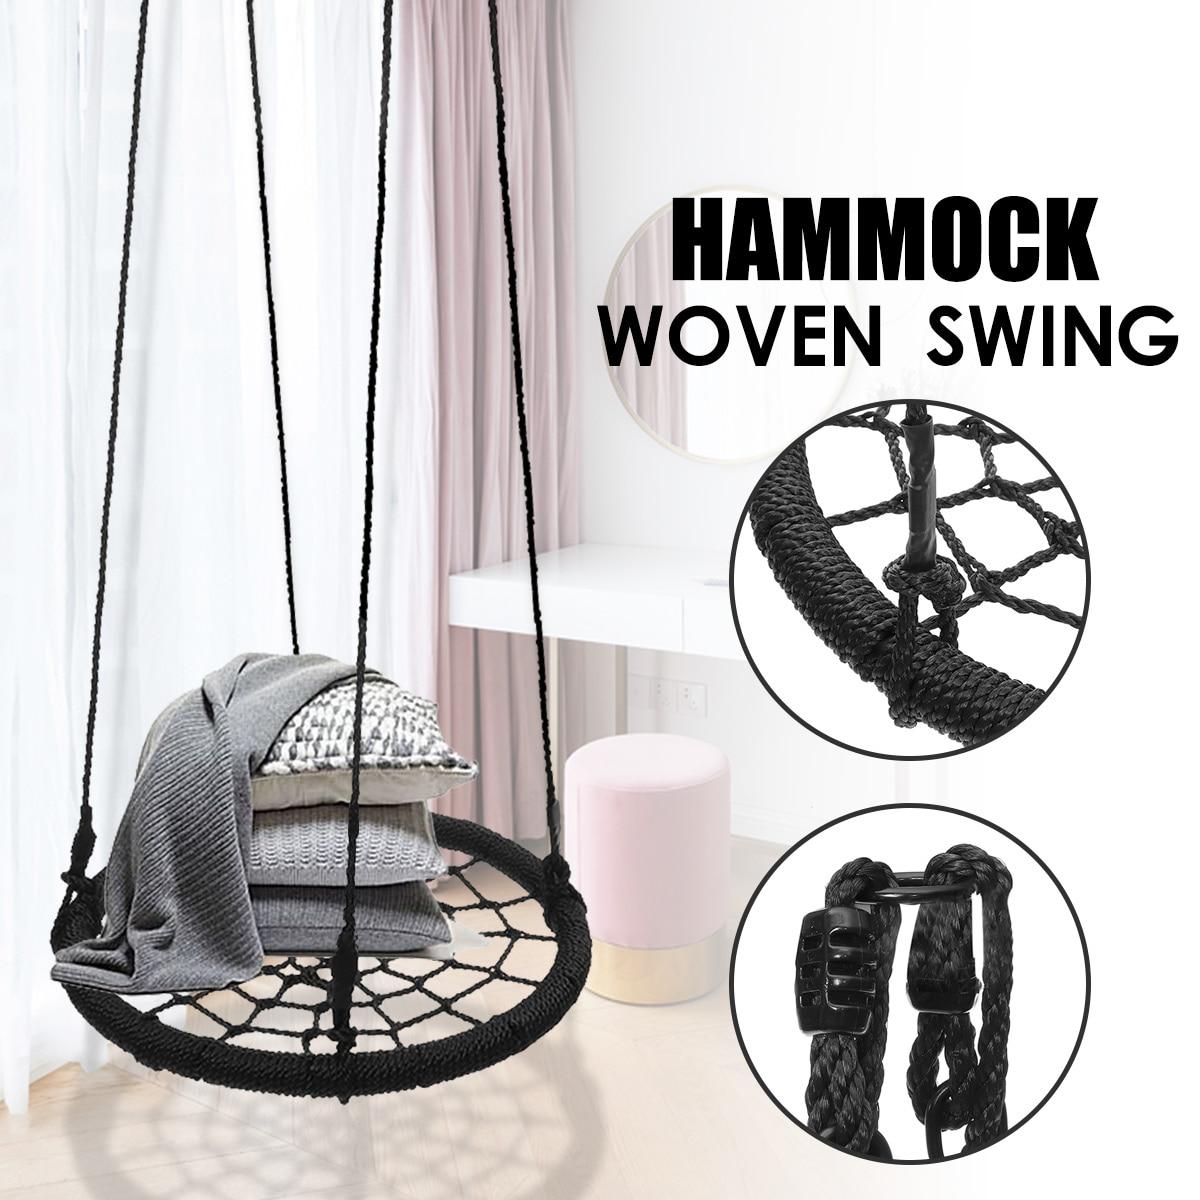 Round Hammock Outdoor Indoor Dormitory Bedroom Children Swing Bed Kids Adult Swinging Hanging Chair Home Furniture